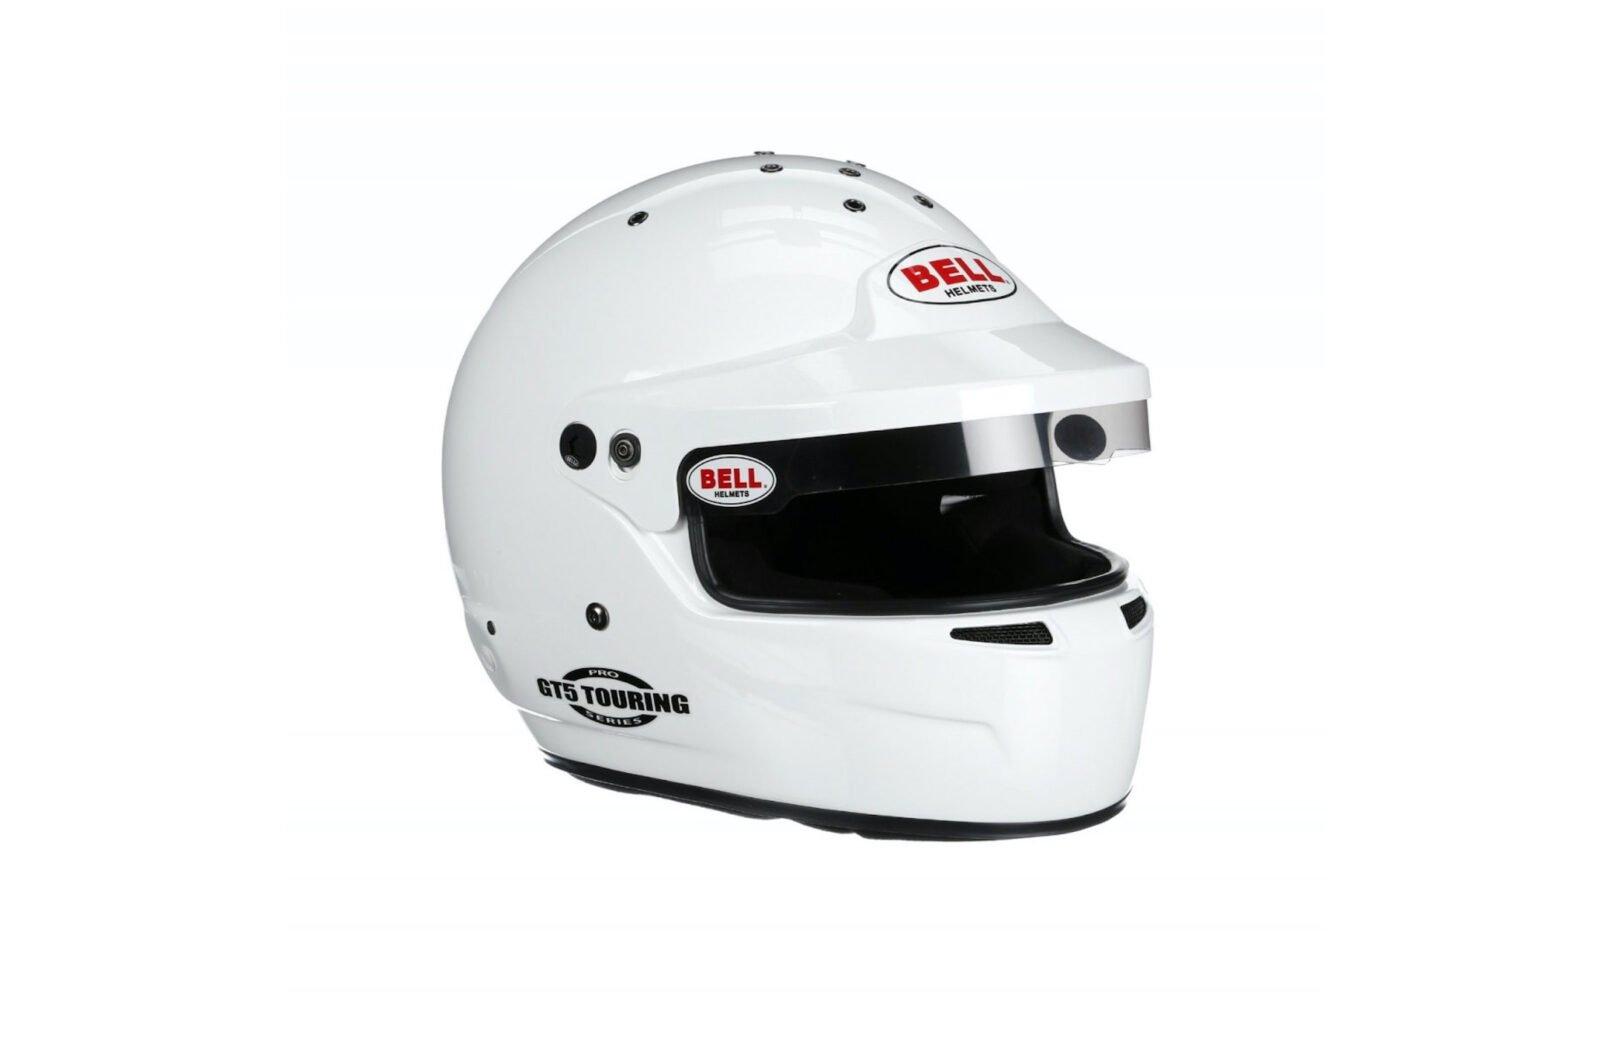 Bell GT5 Touring Helmet White 5